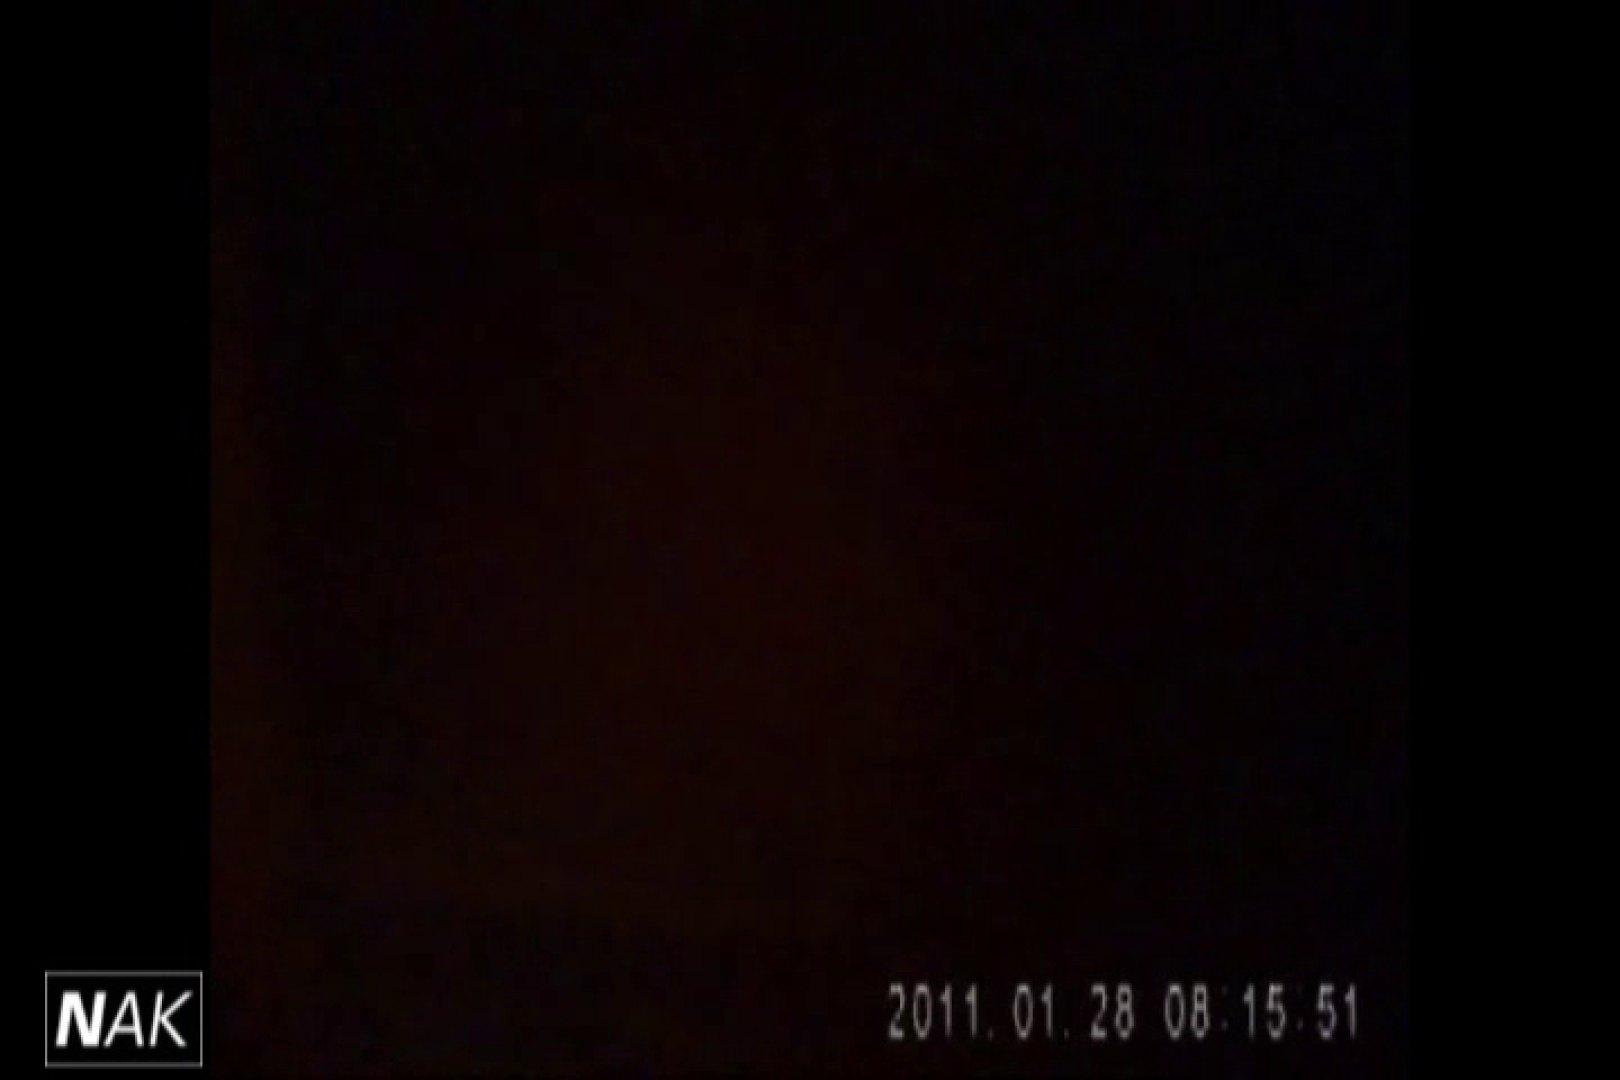 せん八さんの厠観察日記!2点監視カメラ 高画質5000K vol.14 黄金水  99pic 20